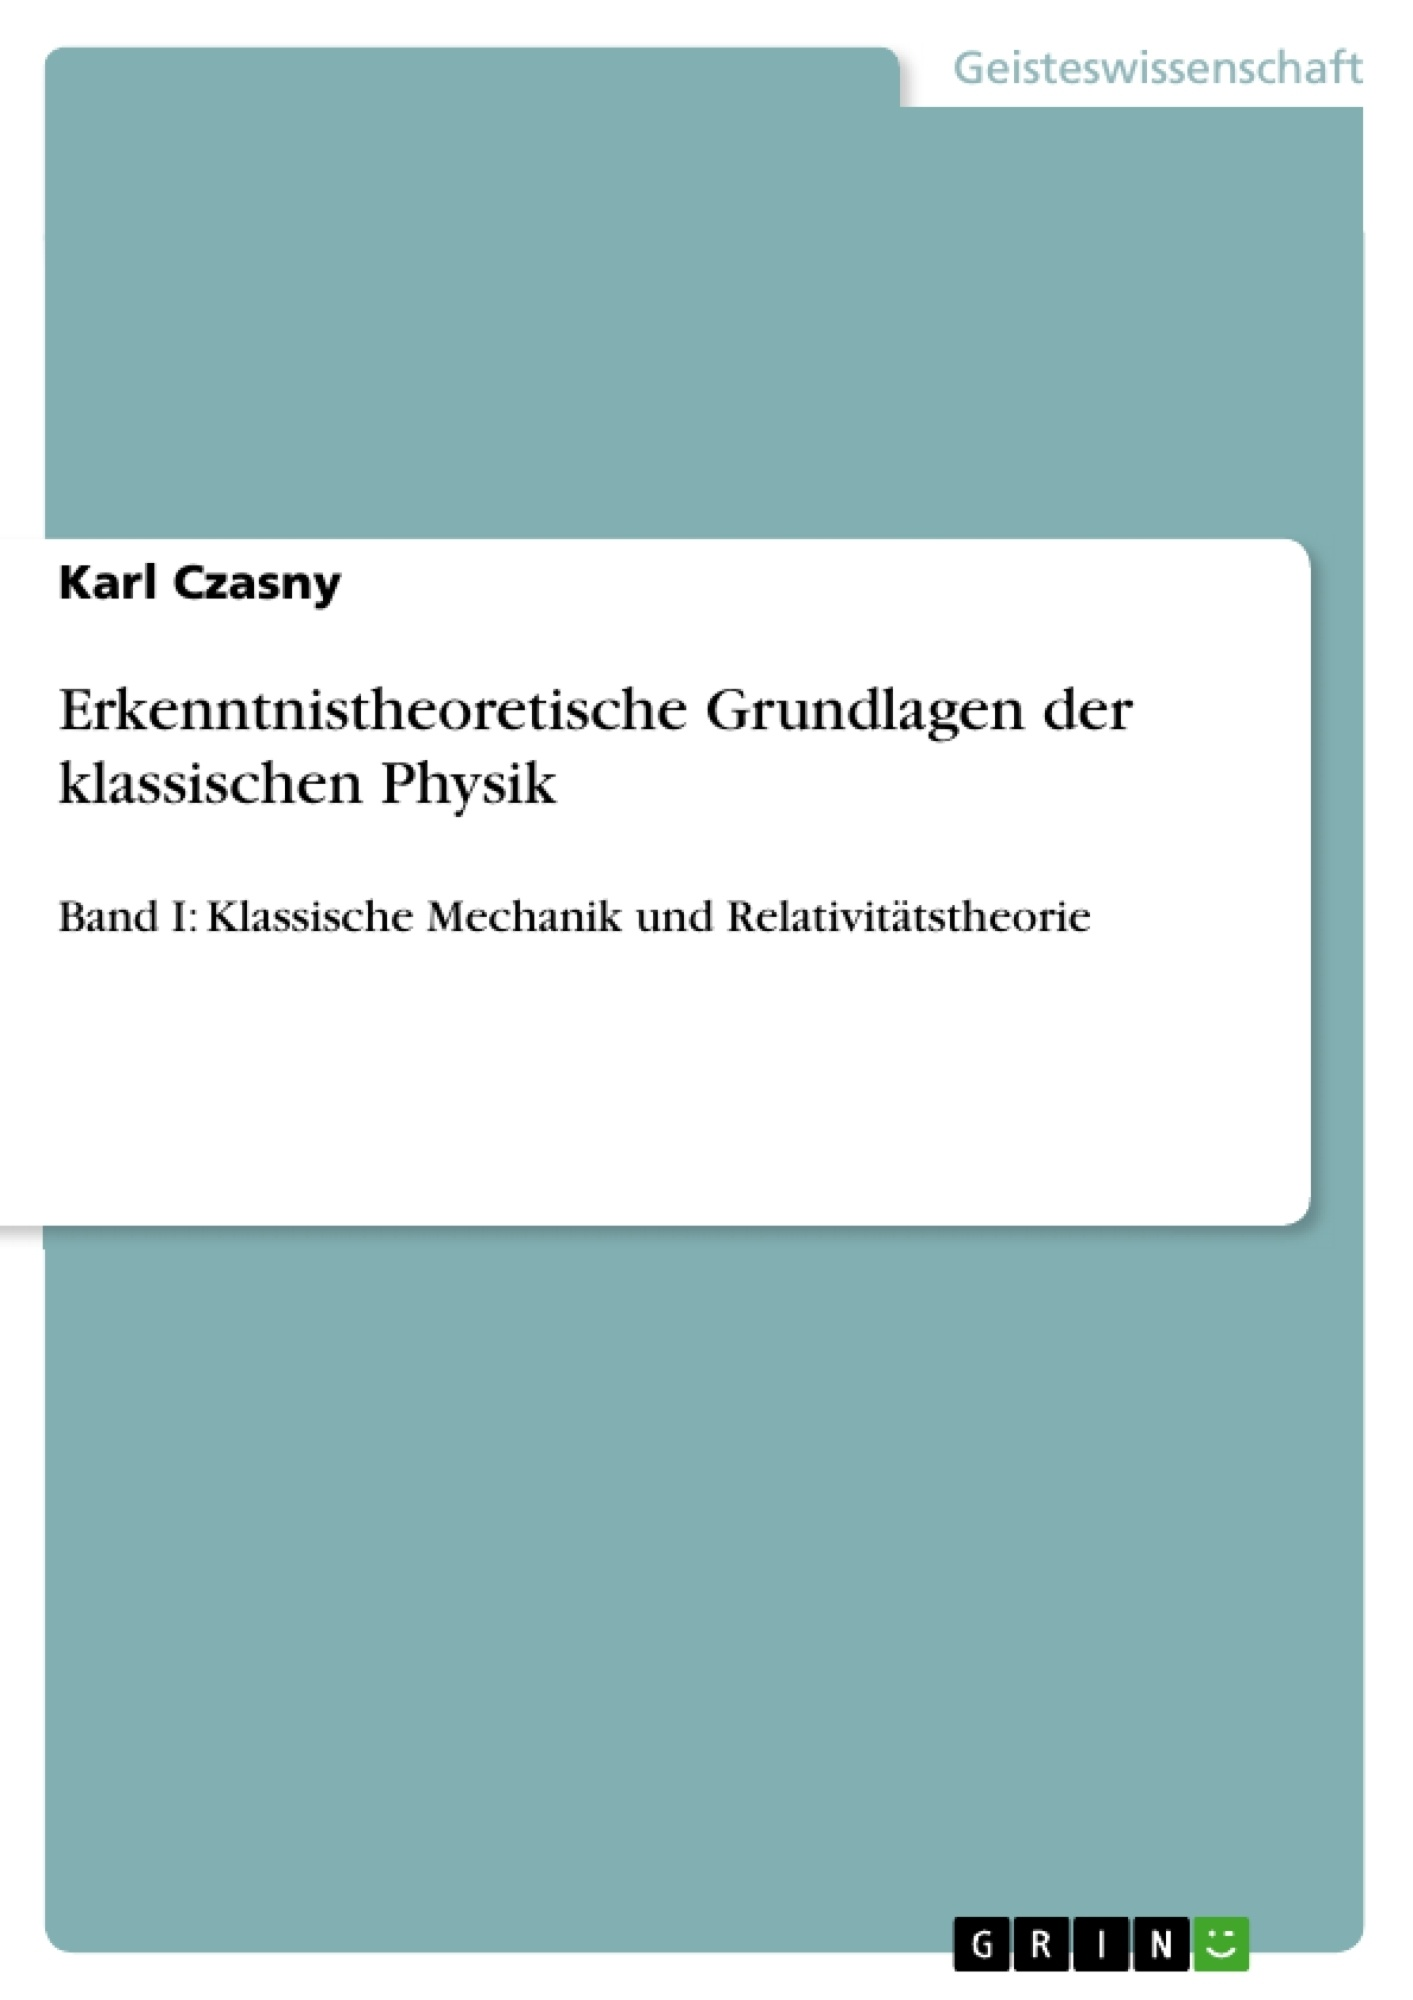 Erkenntnistheoretische Grundlagen der klassischen Physik ...